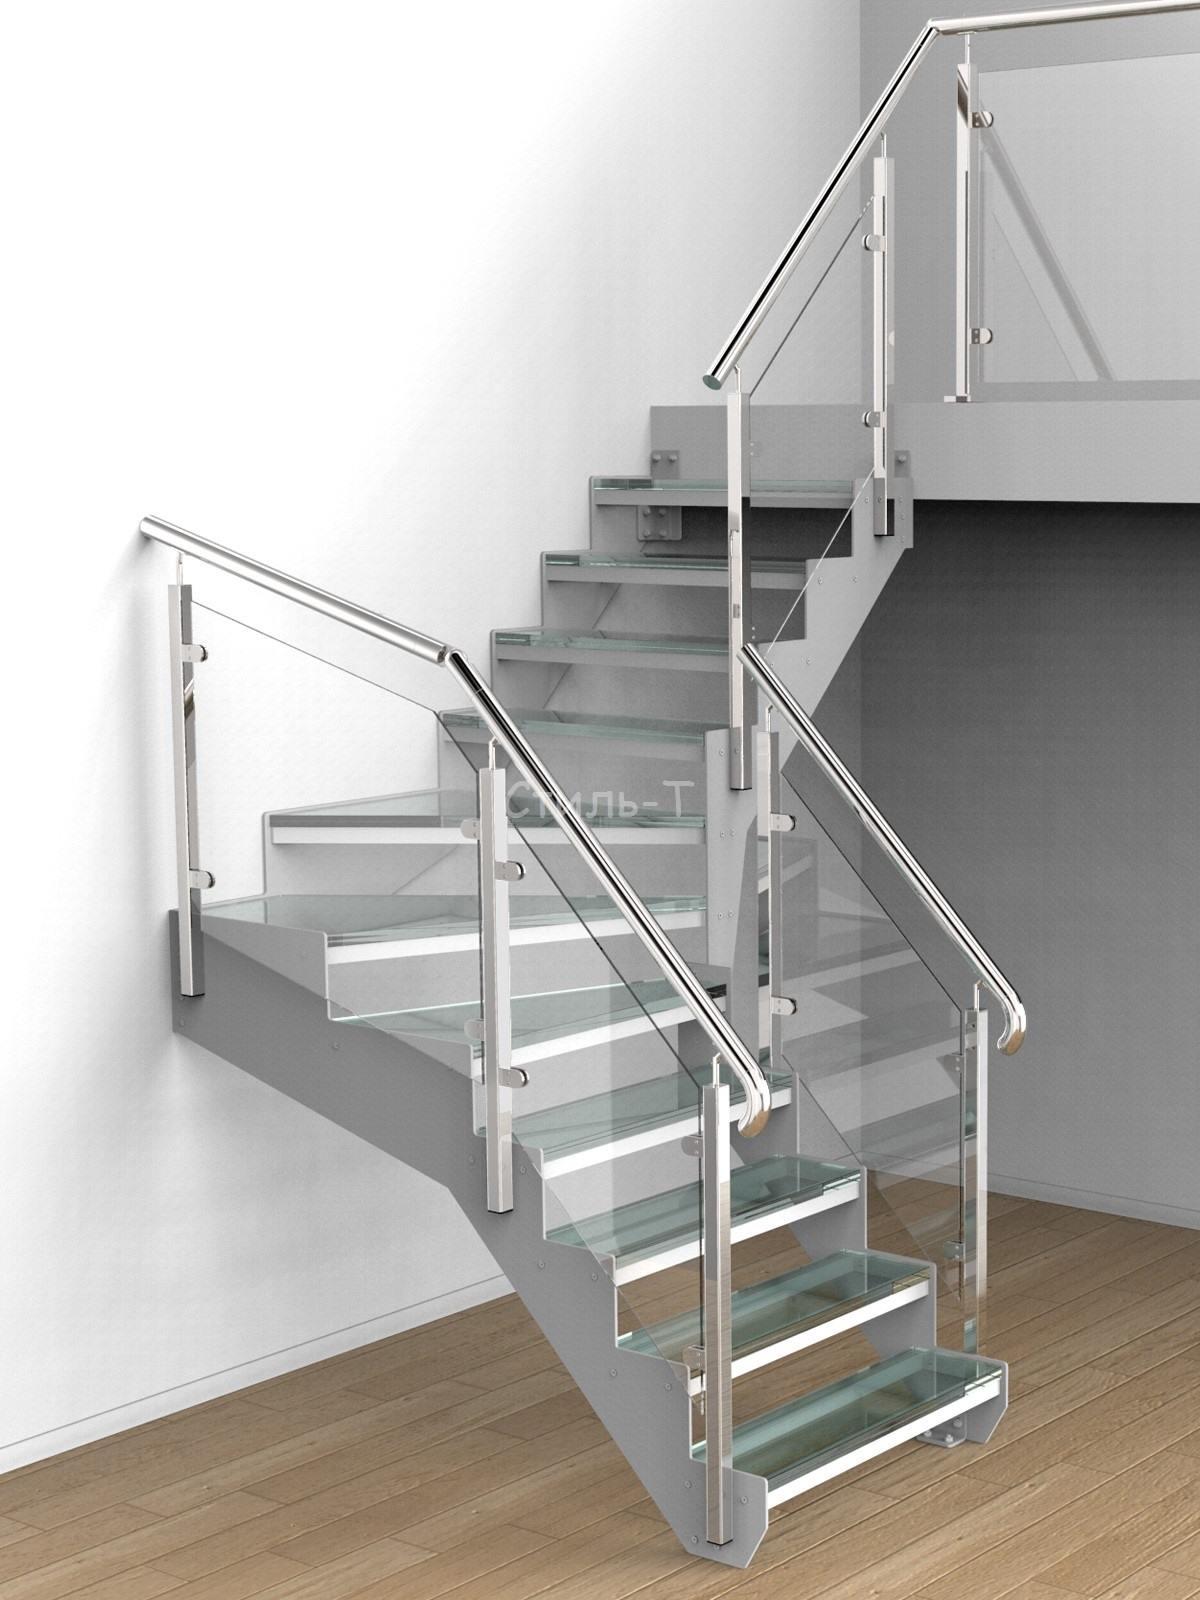 Поворотные лестницы Г-образной формы